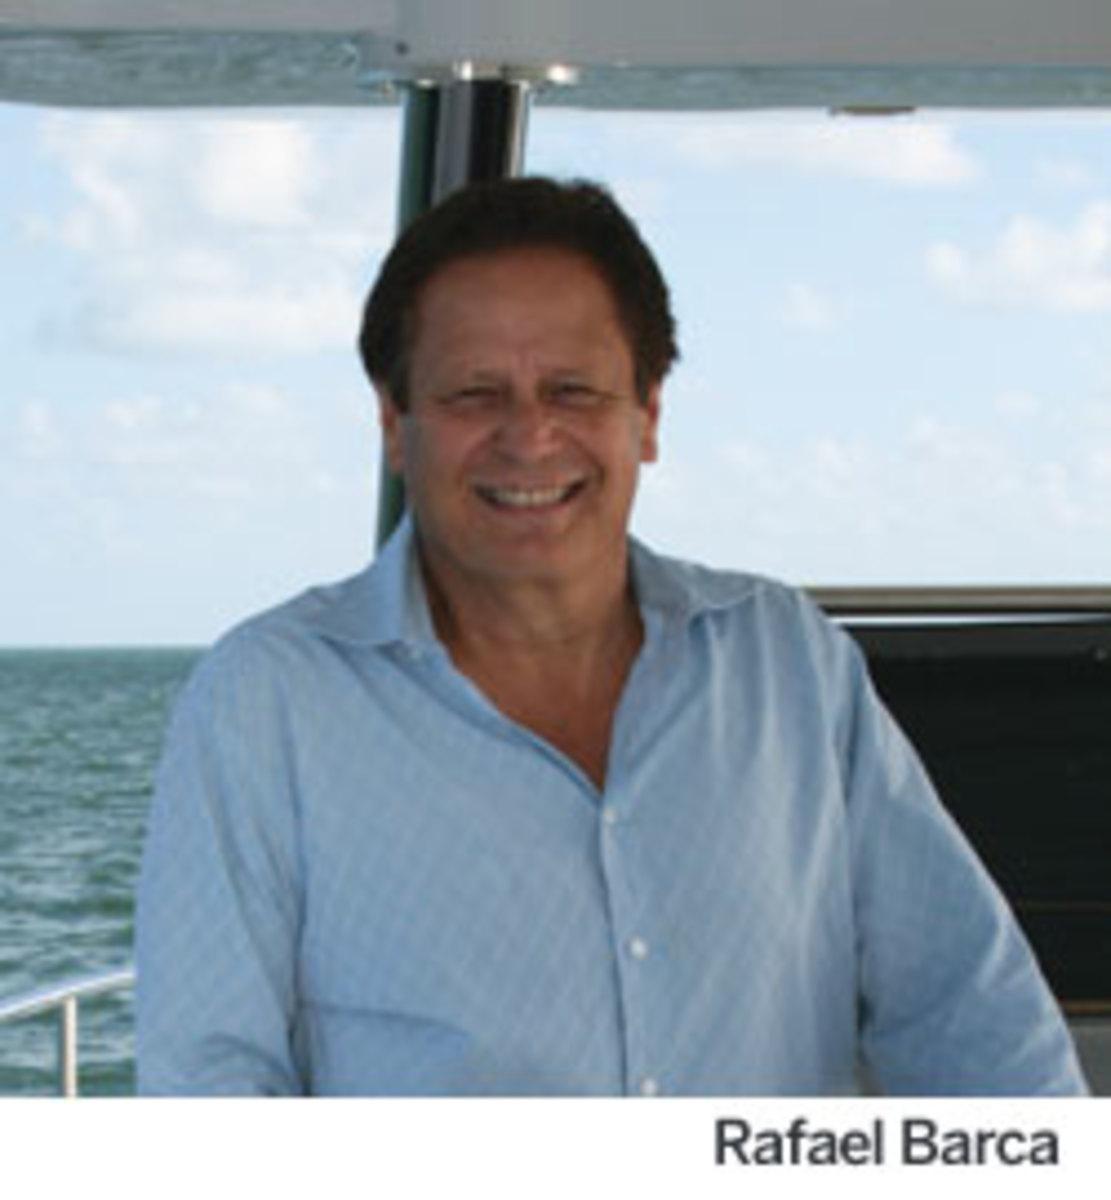 Rafael Barca